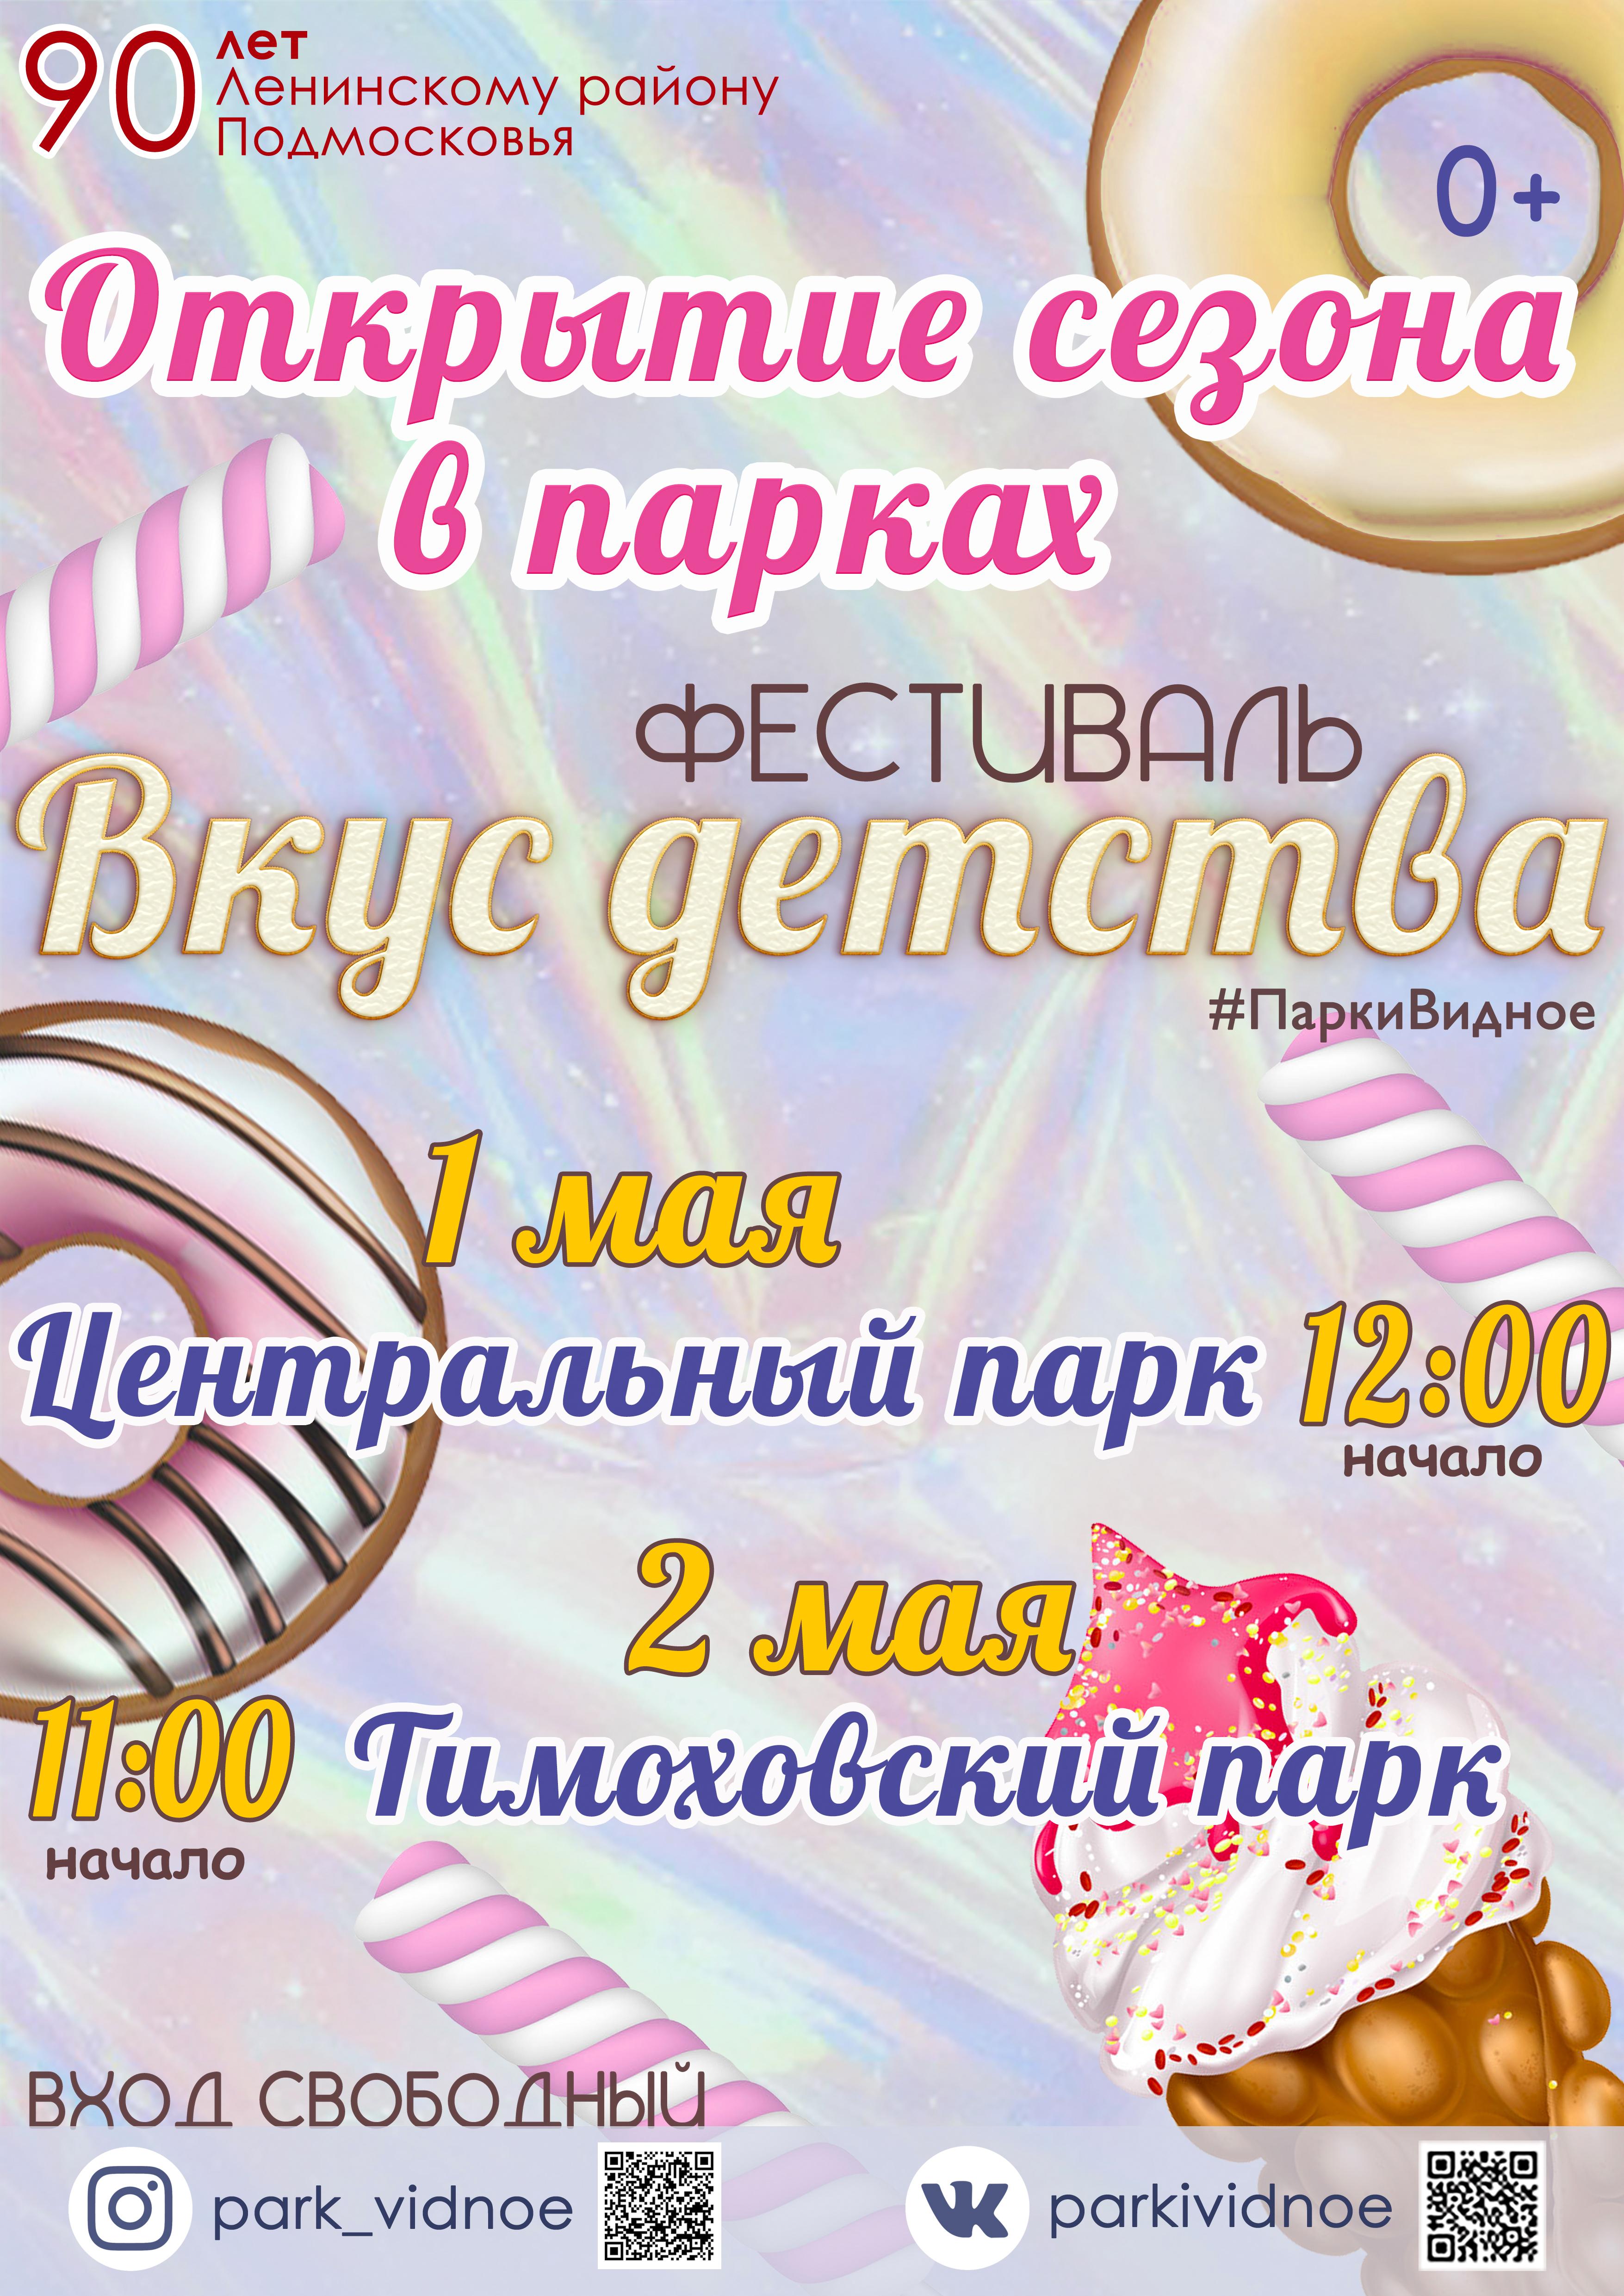 сезона фестиваль вкус детсва 2.2_2